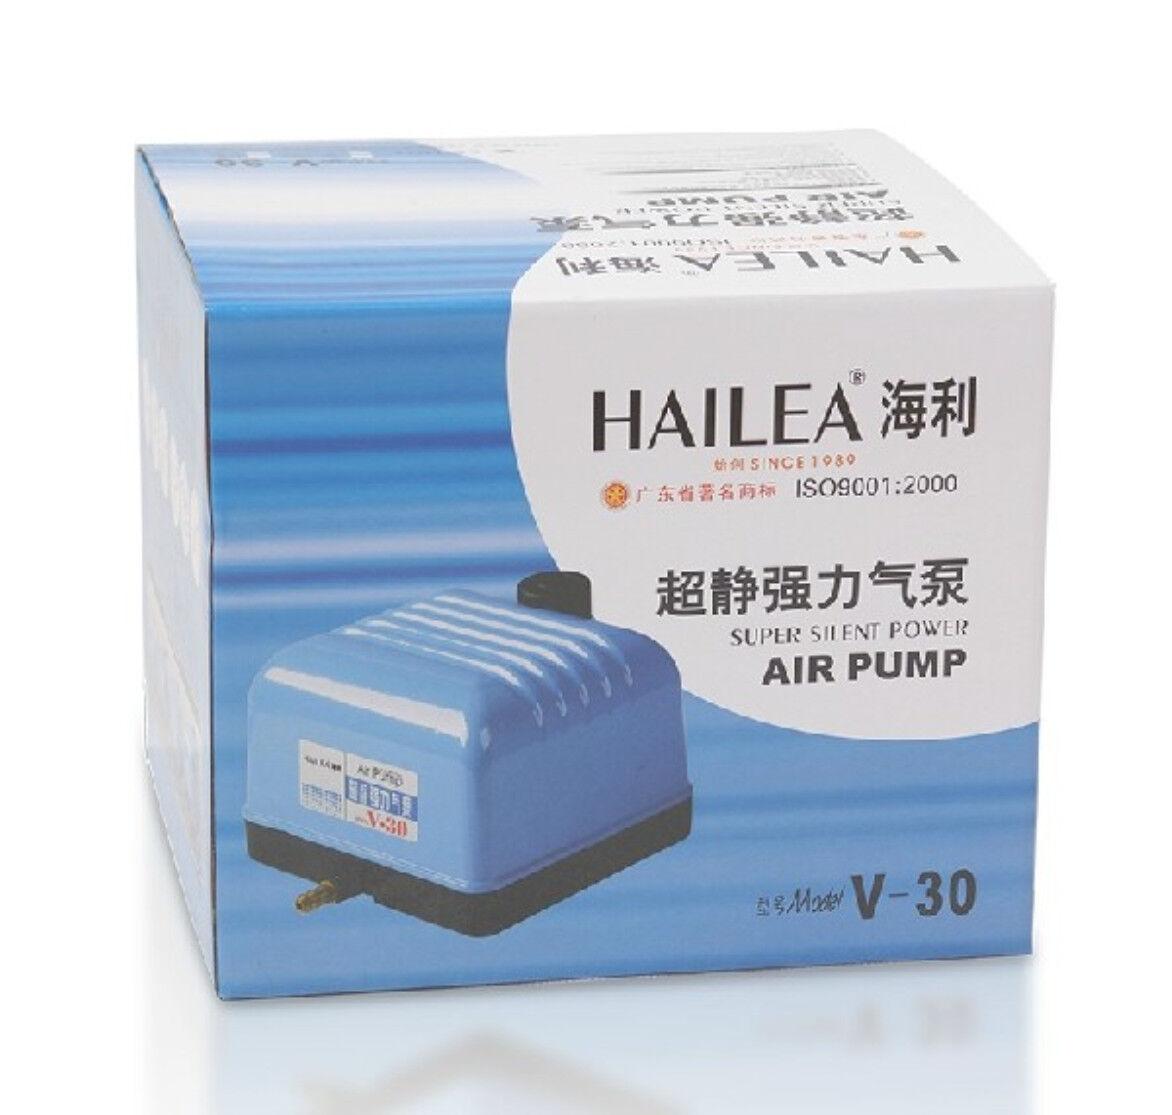 POMPA per aria, Hailea V-30 6 modi SILENT Pompe Acquario Idroponica stagno di Koi Fish